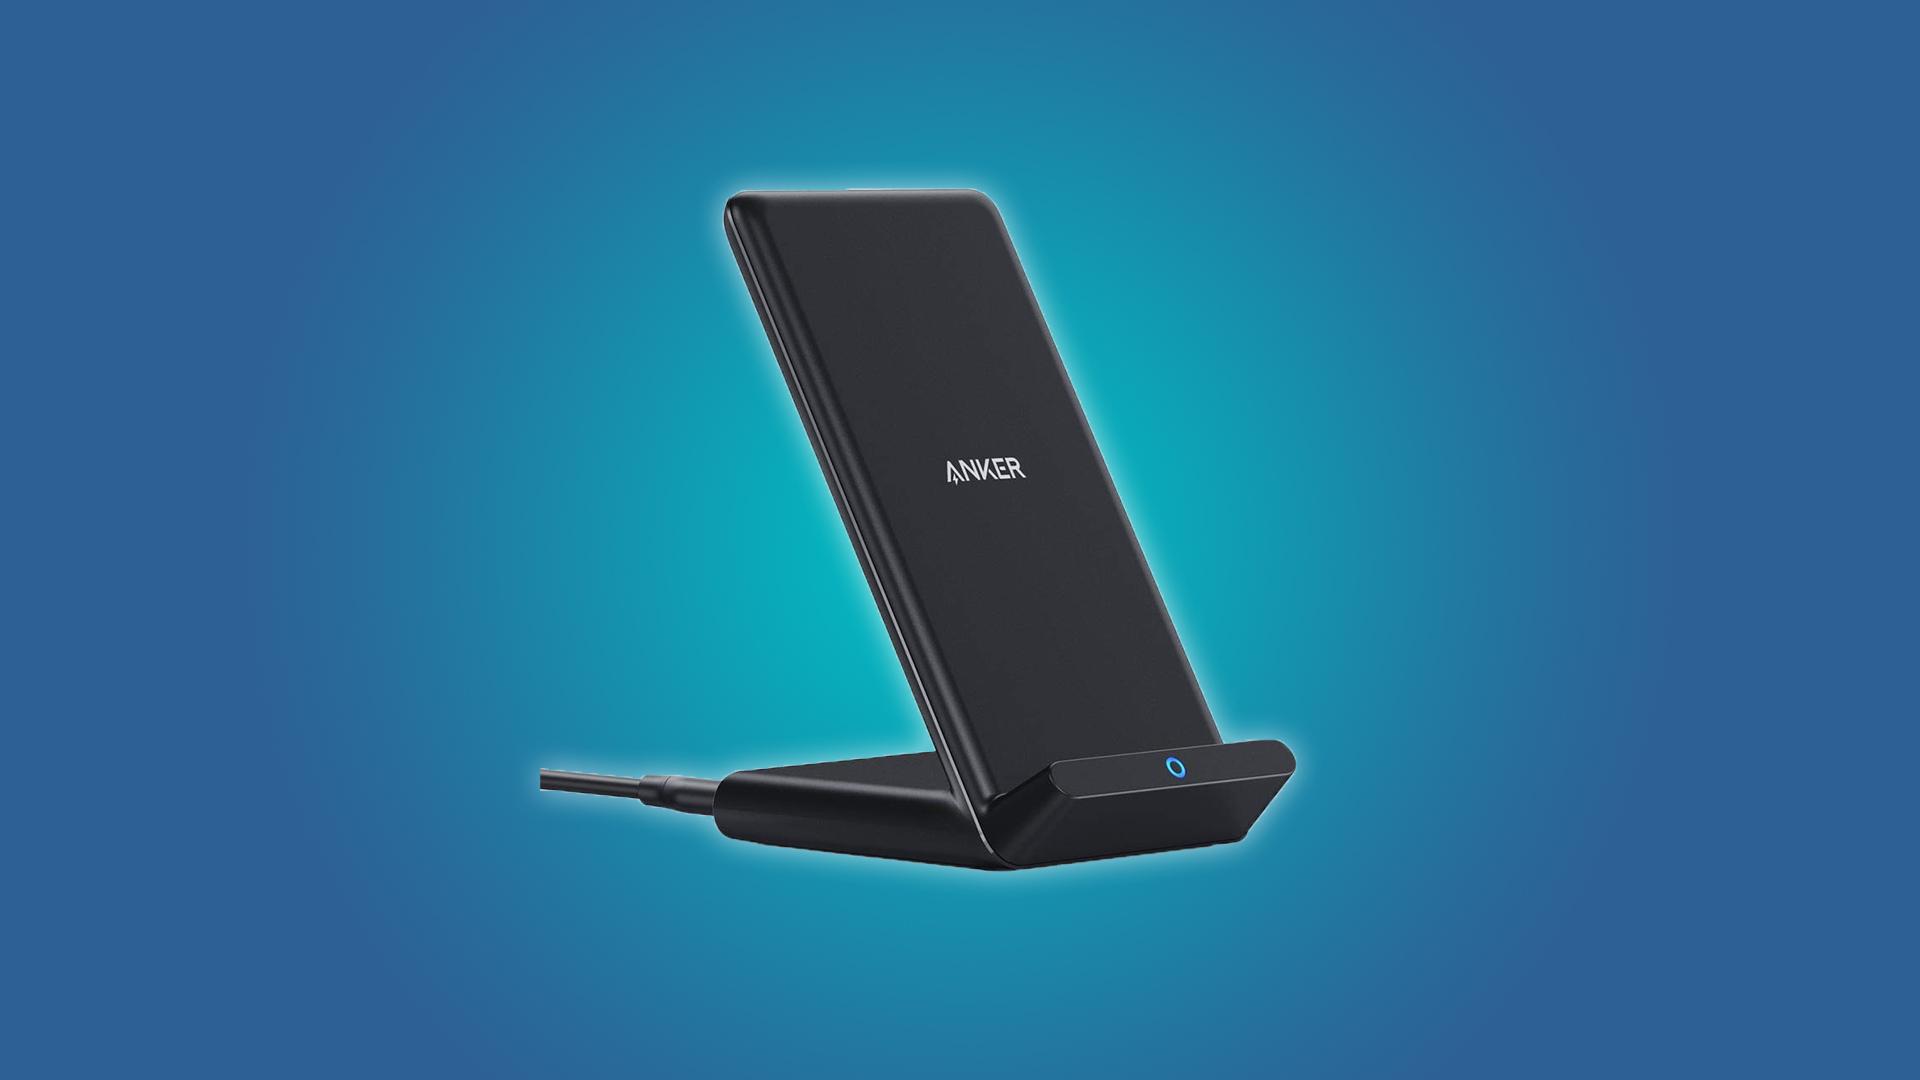 Deal Alert: Holen Sie sich ein Anker PowerWave Wireless-Ladegerät für 17 US-Dollar